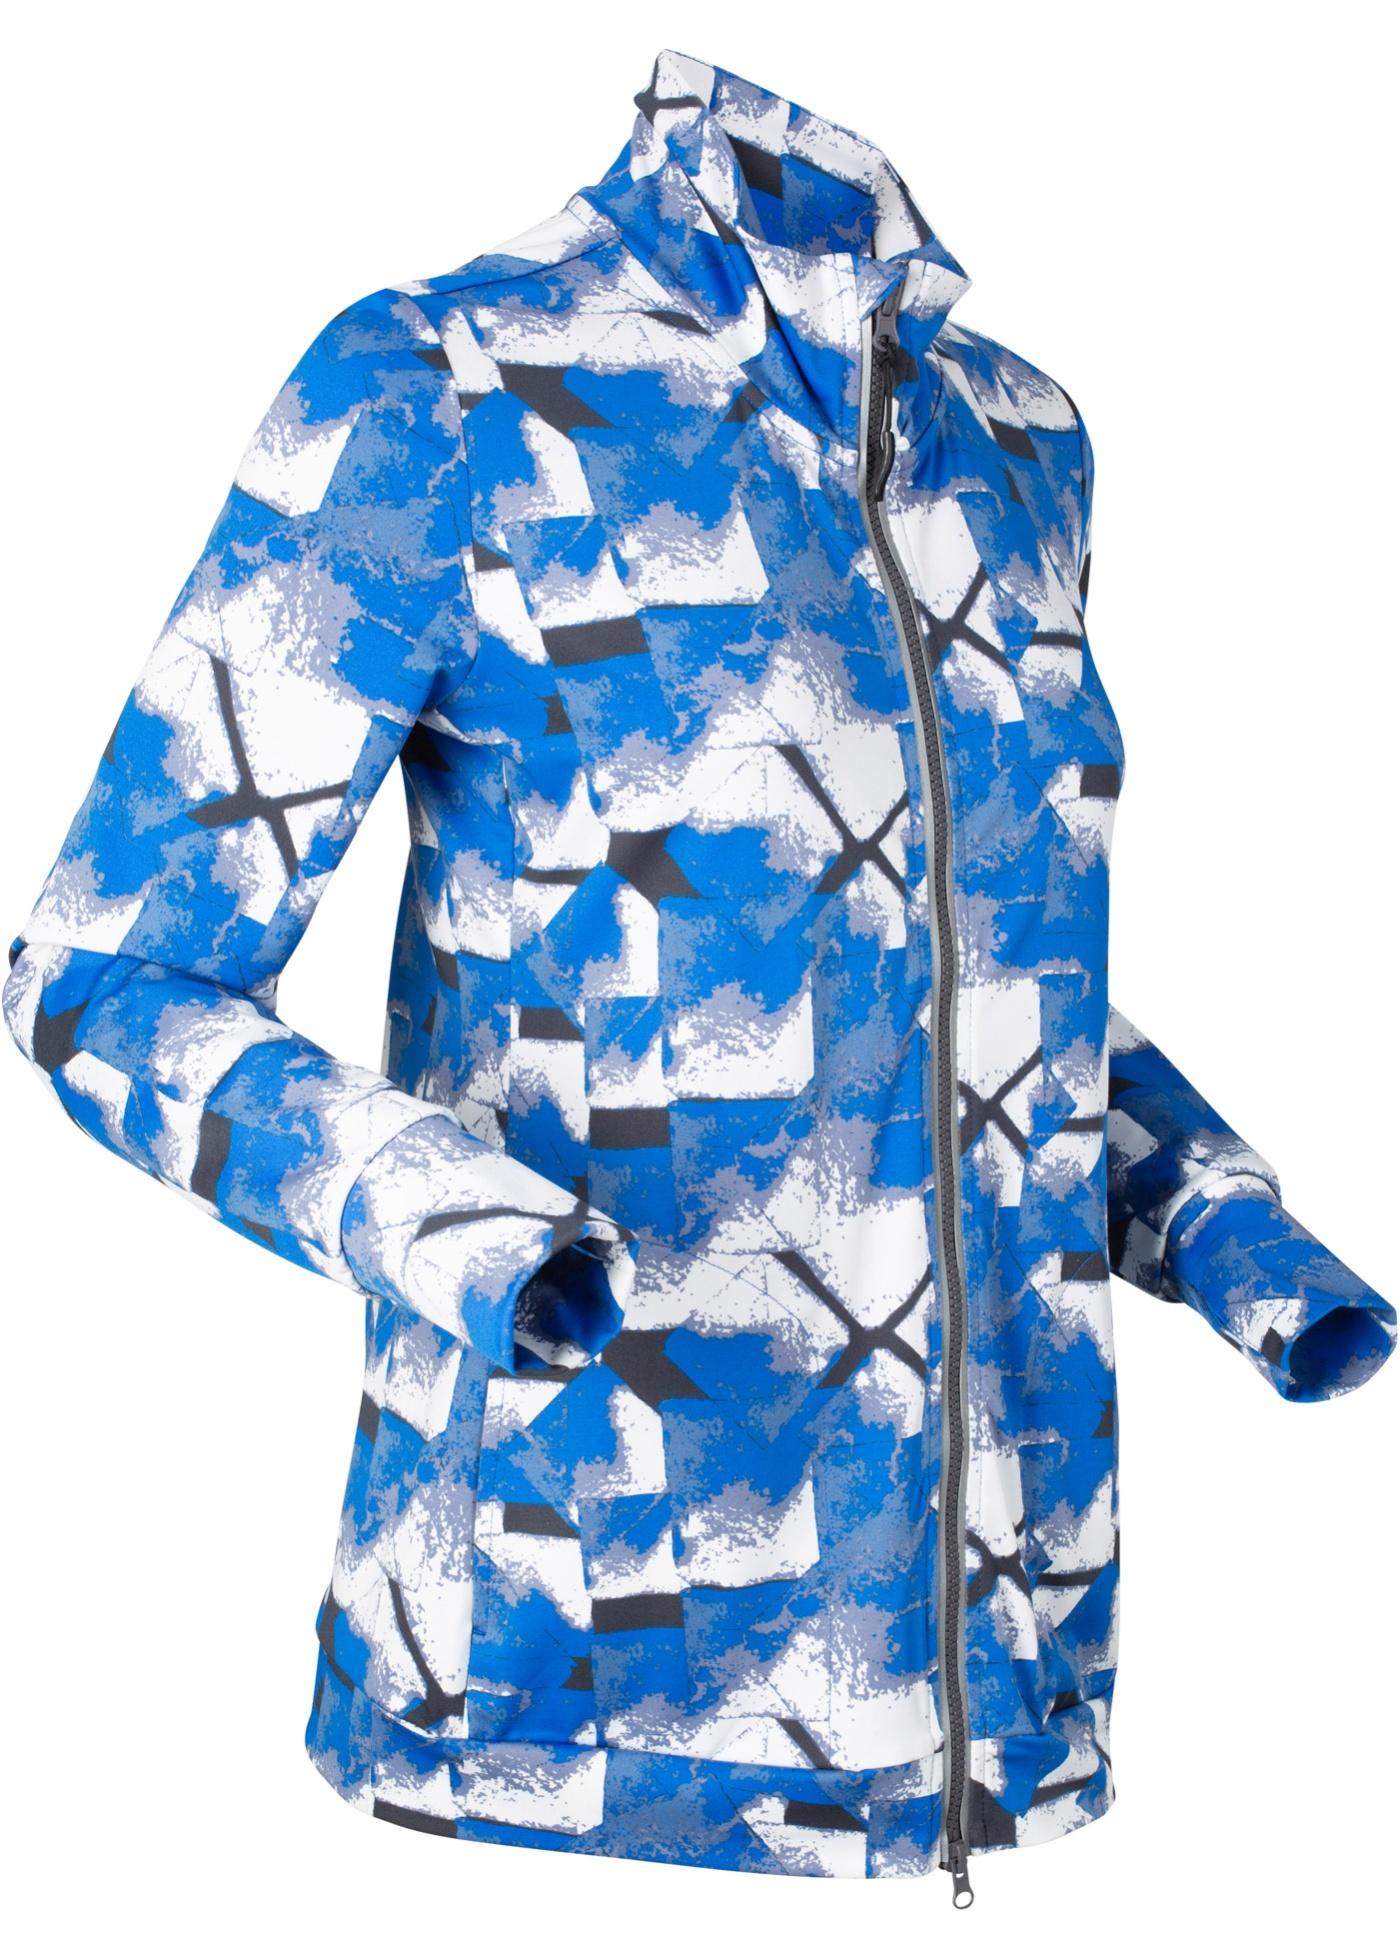 Survêtement Bonprix De Pour Femme Bleu CollectionVeste Longues FonctionnelleManches Bpc 6ybf7g